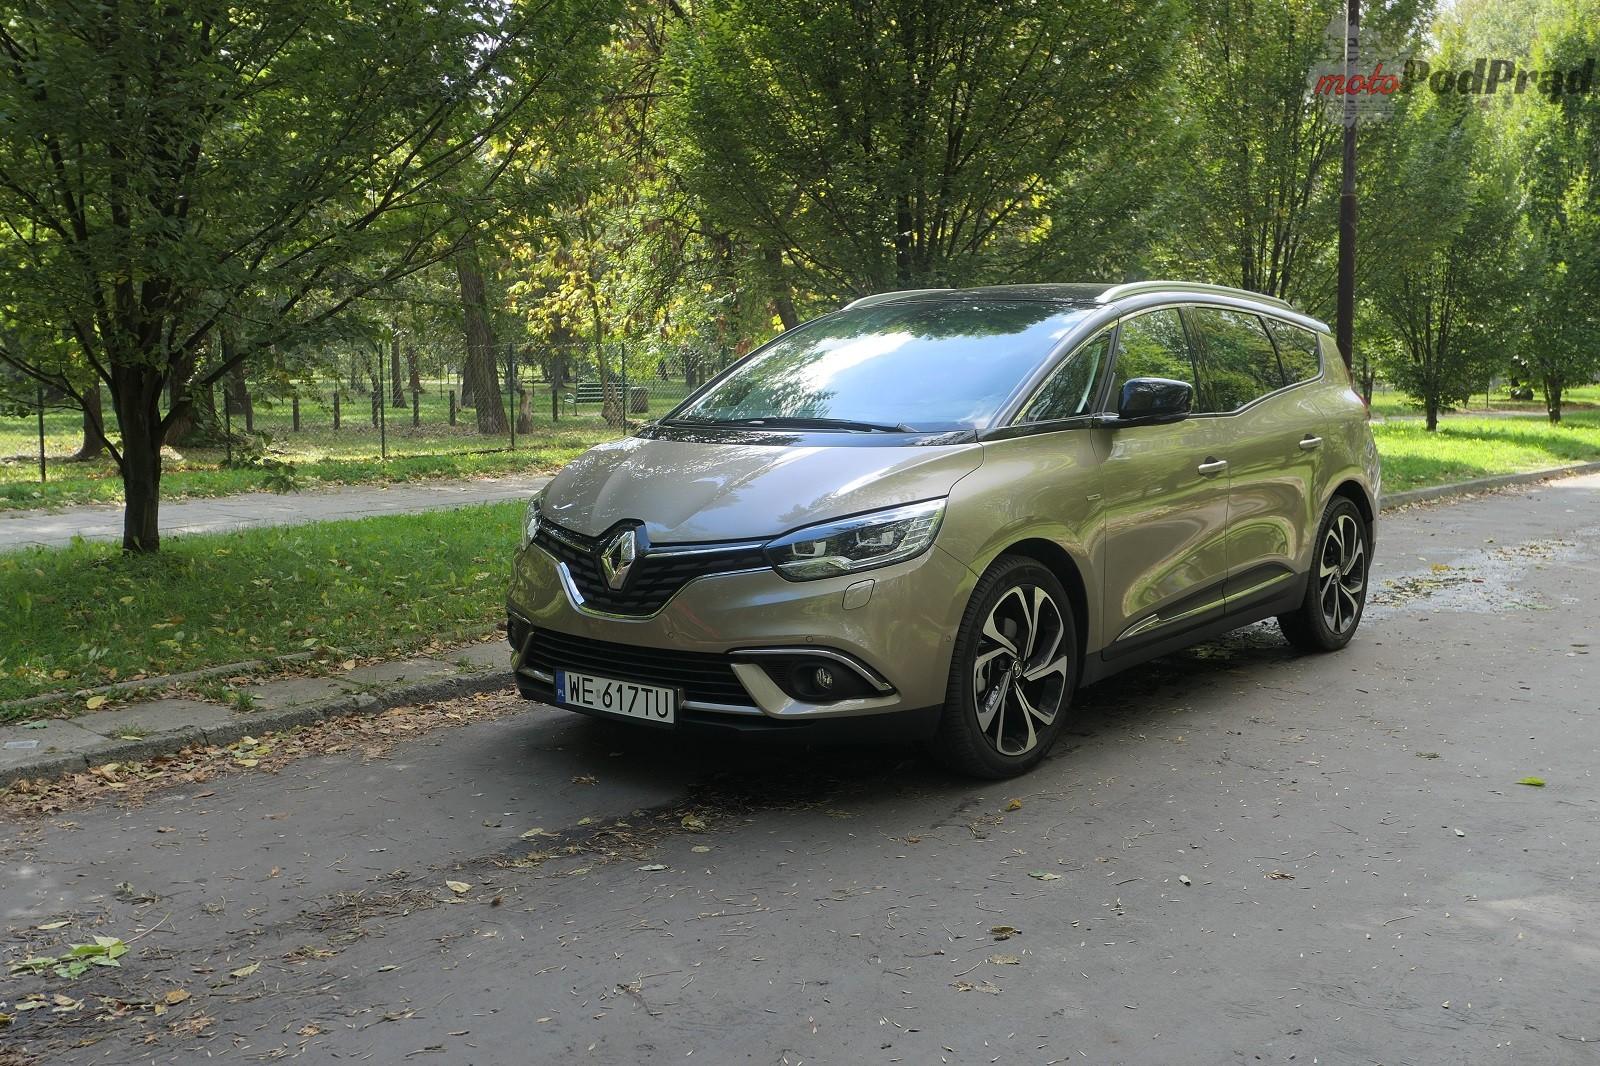 Renault Grand Scenic 14 Test: Renault Grand Scenic 1,3 tCe   wielki tylko ciałem